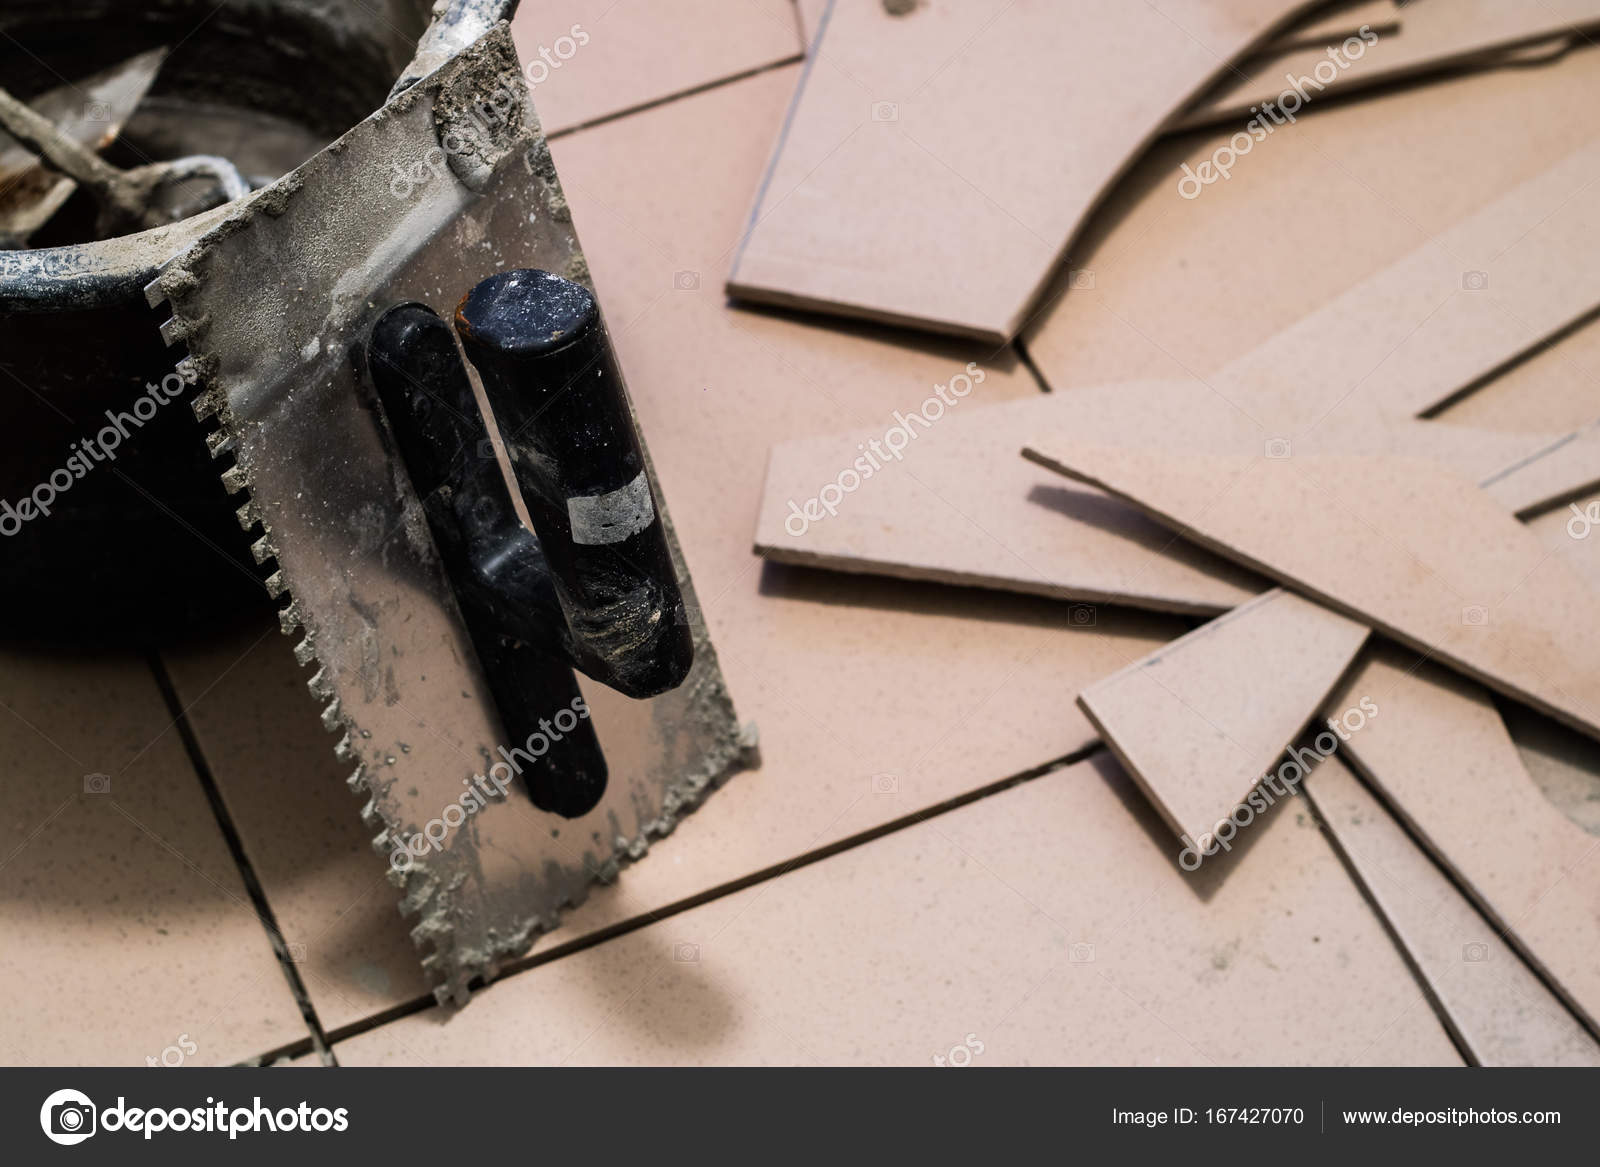 Come riparare le piastrelle rotte